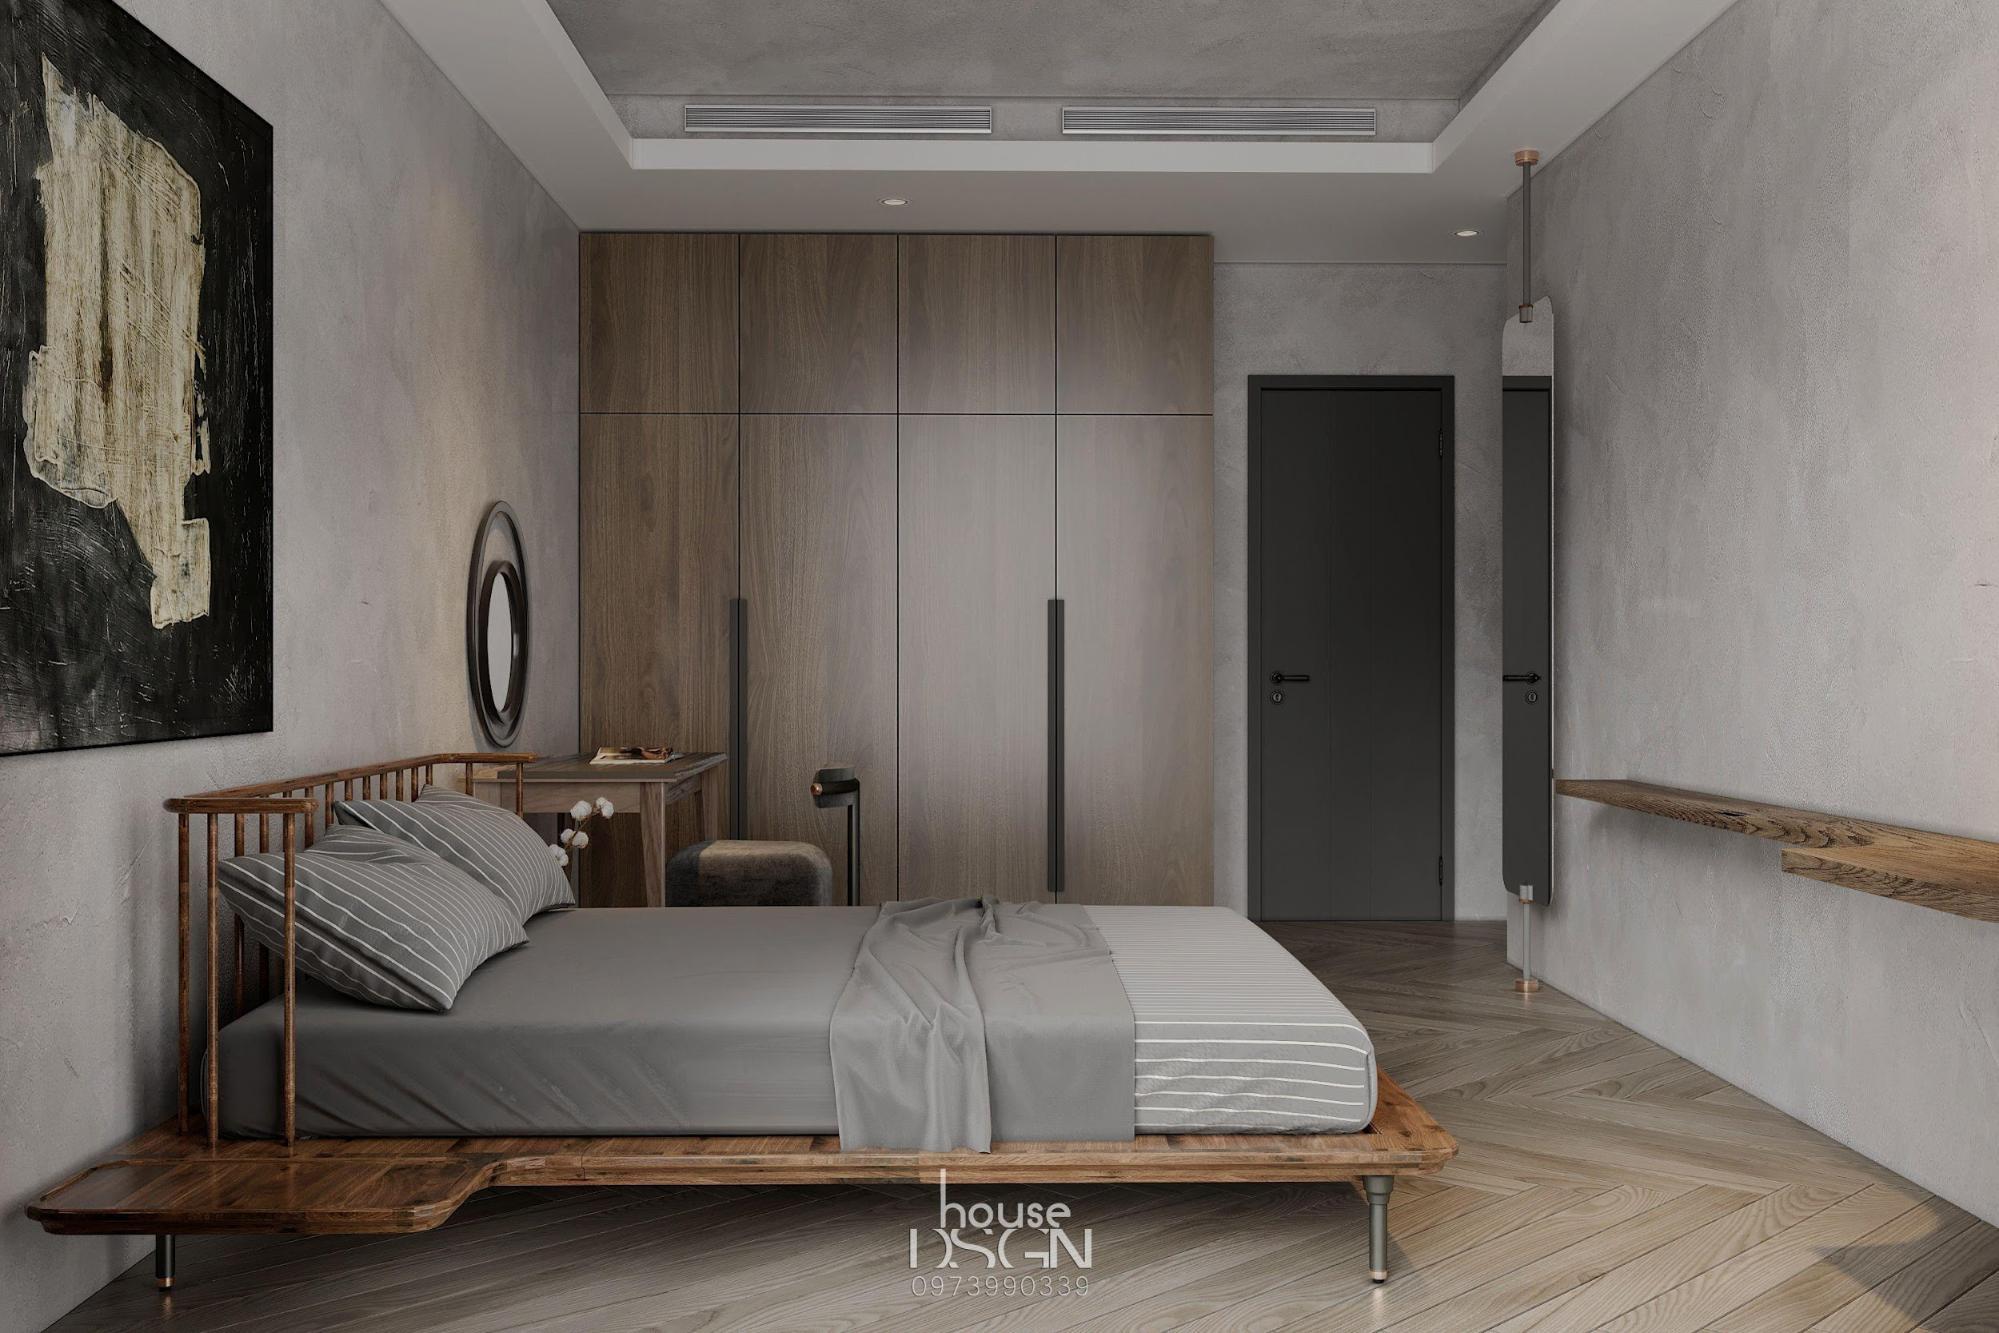 phòng ngủ trang trí theo phong cách nội thất tối giản chuyên nghiệp